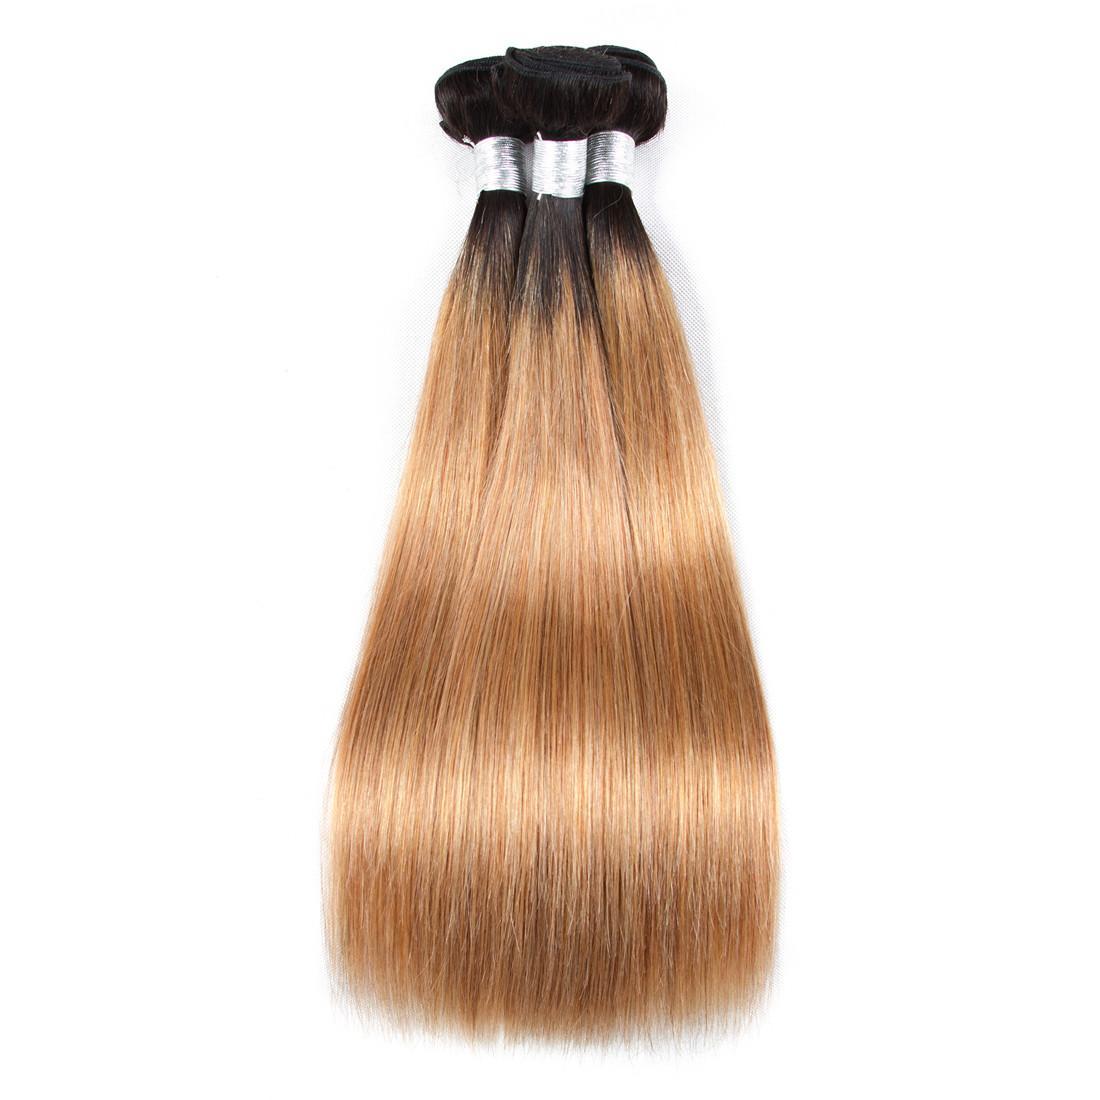 Светлые бразильские прямые волосы соткут пачки омбре 3/4 пачек 2 тон 1б 27 волос сплетя уток расширений человеческих волос 100% 12-26 дюймов